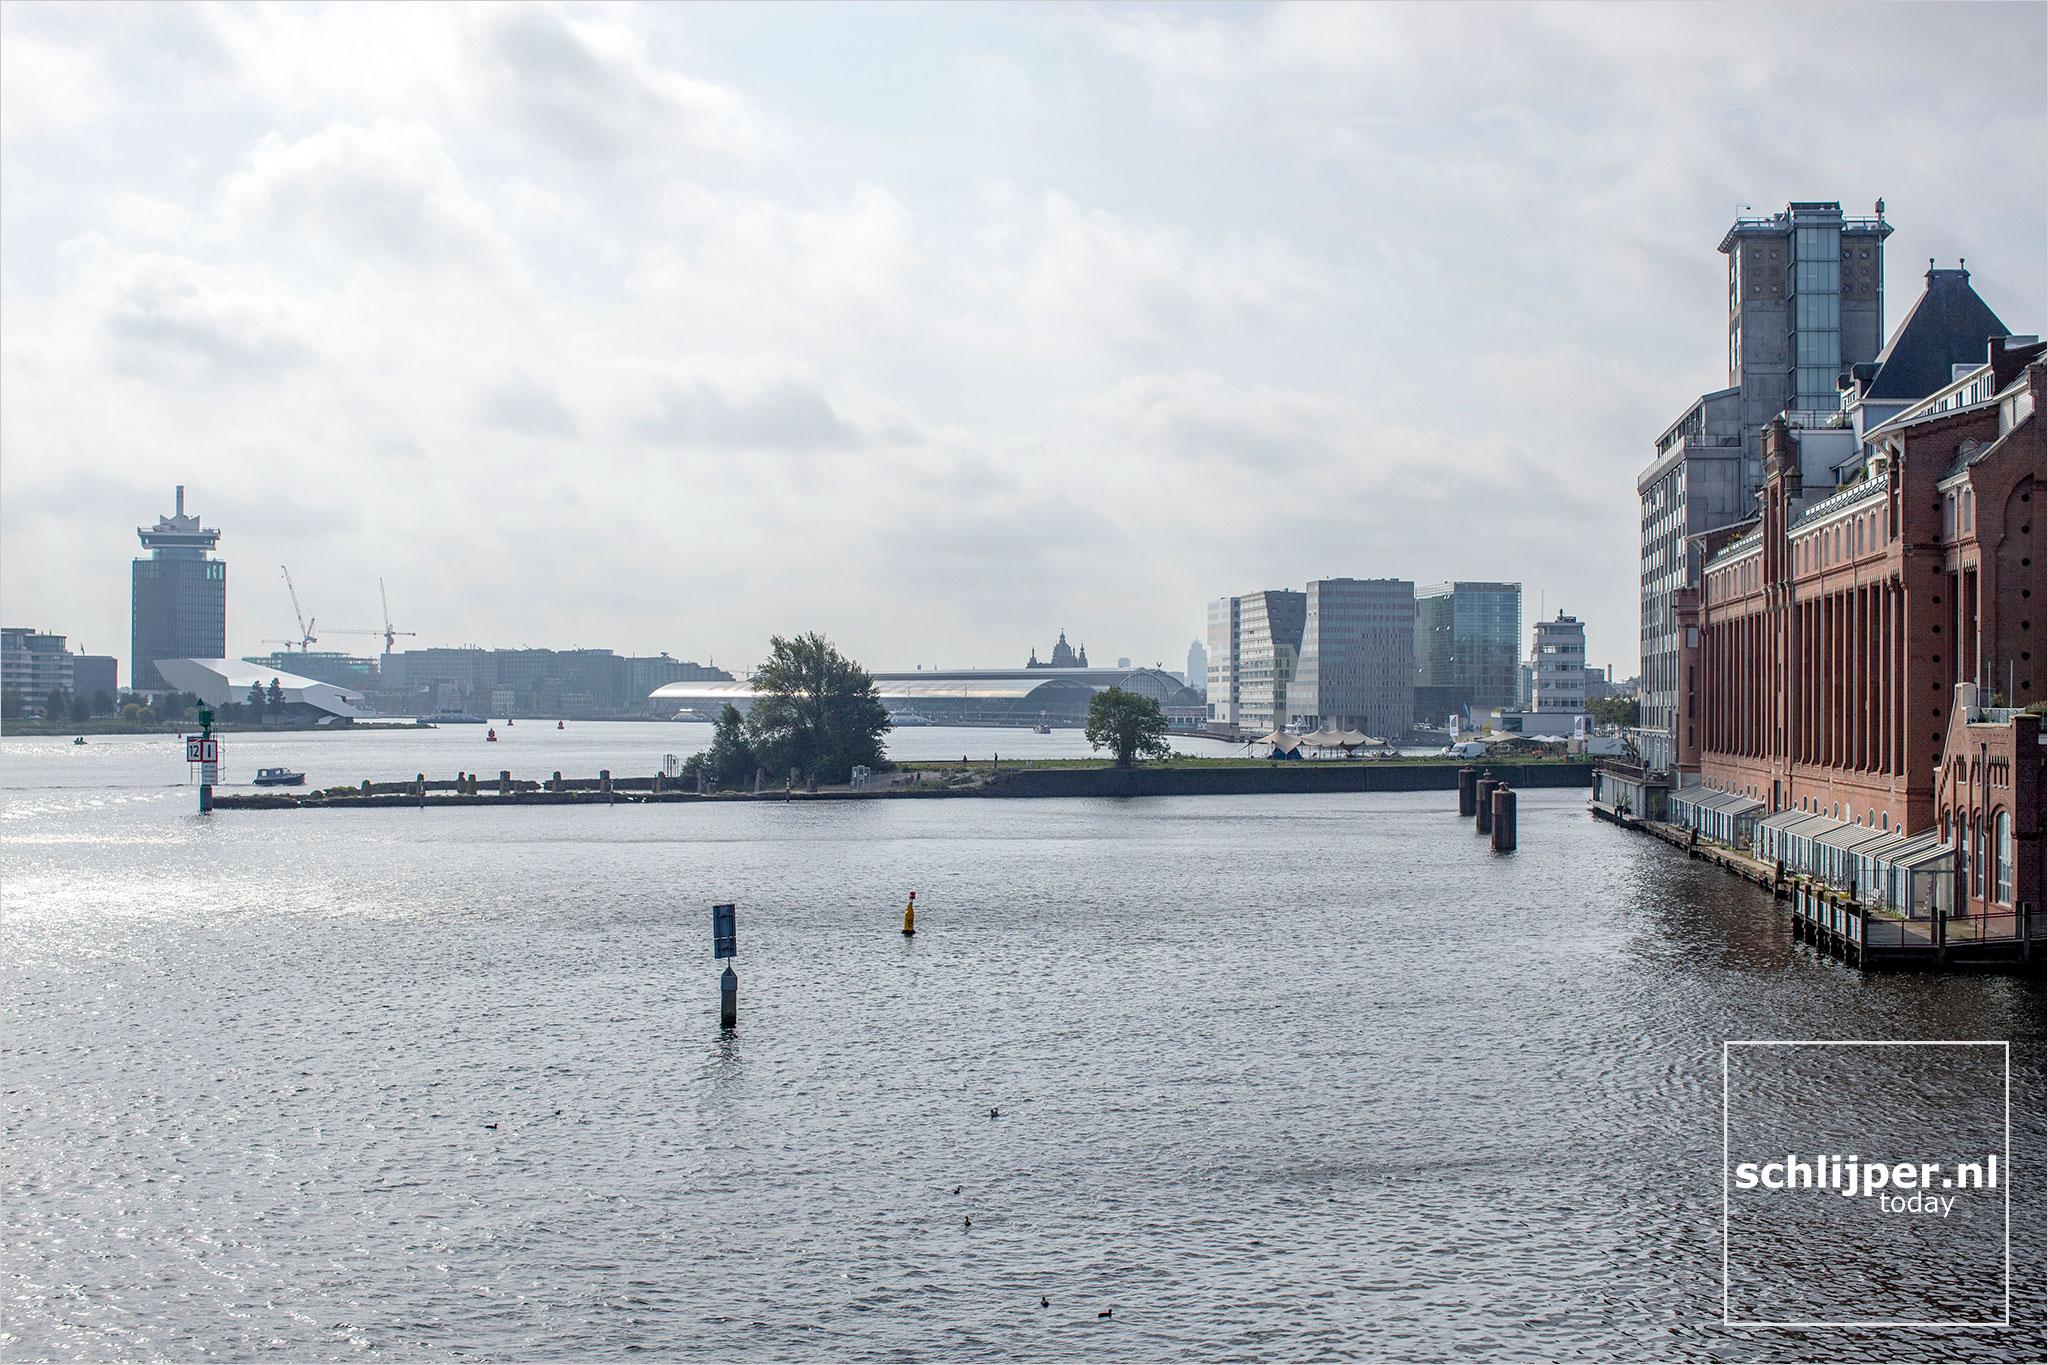 Nederland, Amsterdam, 13 september 2020